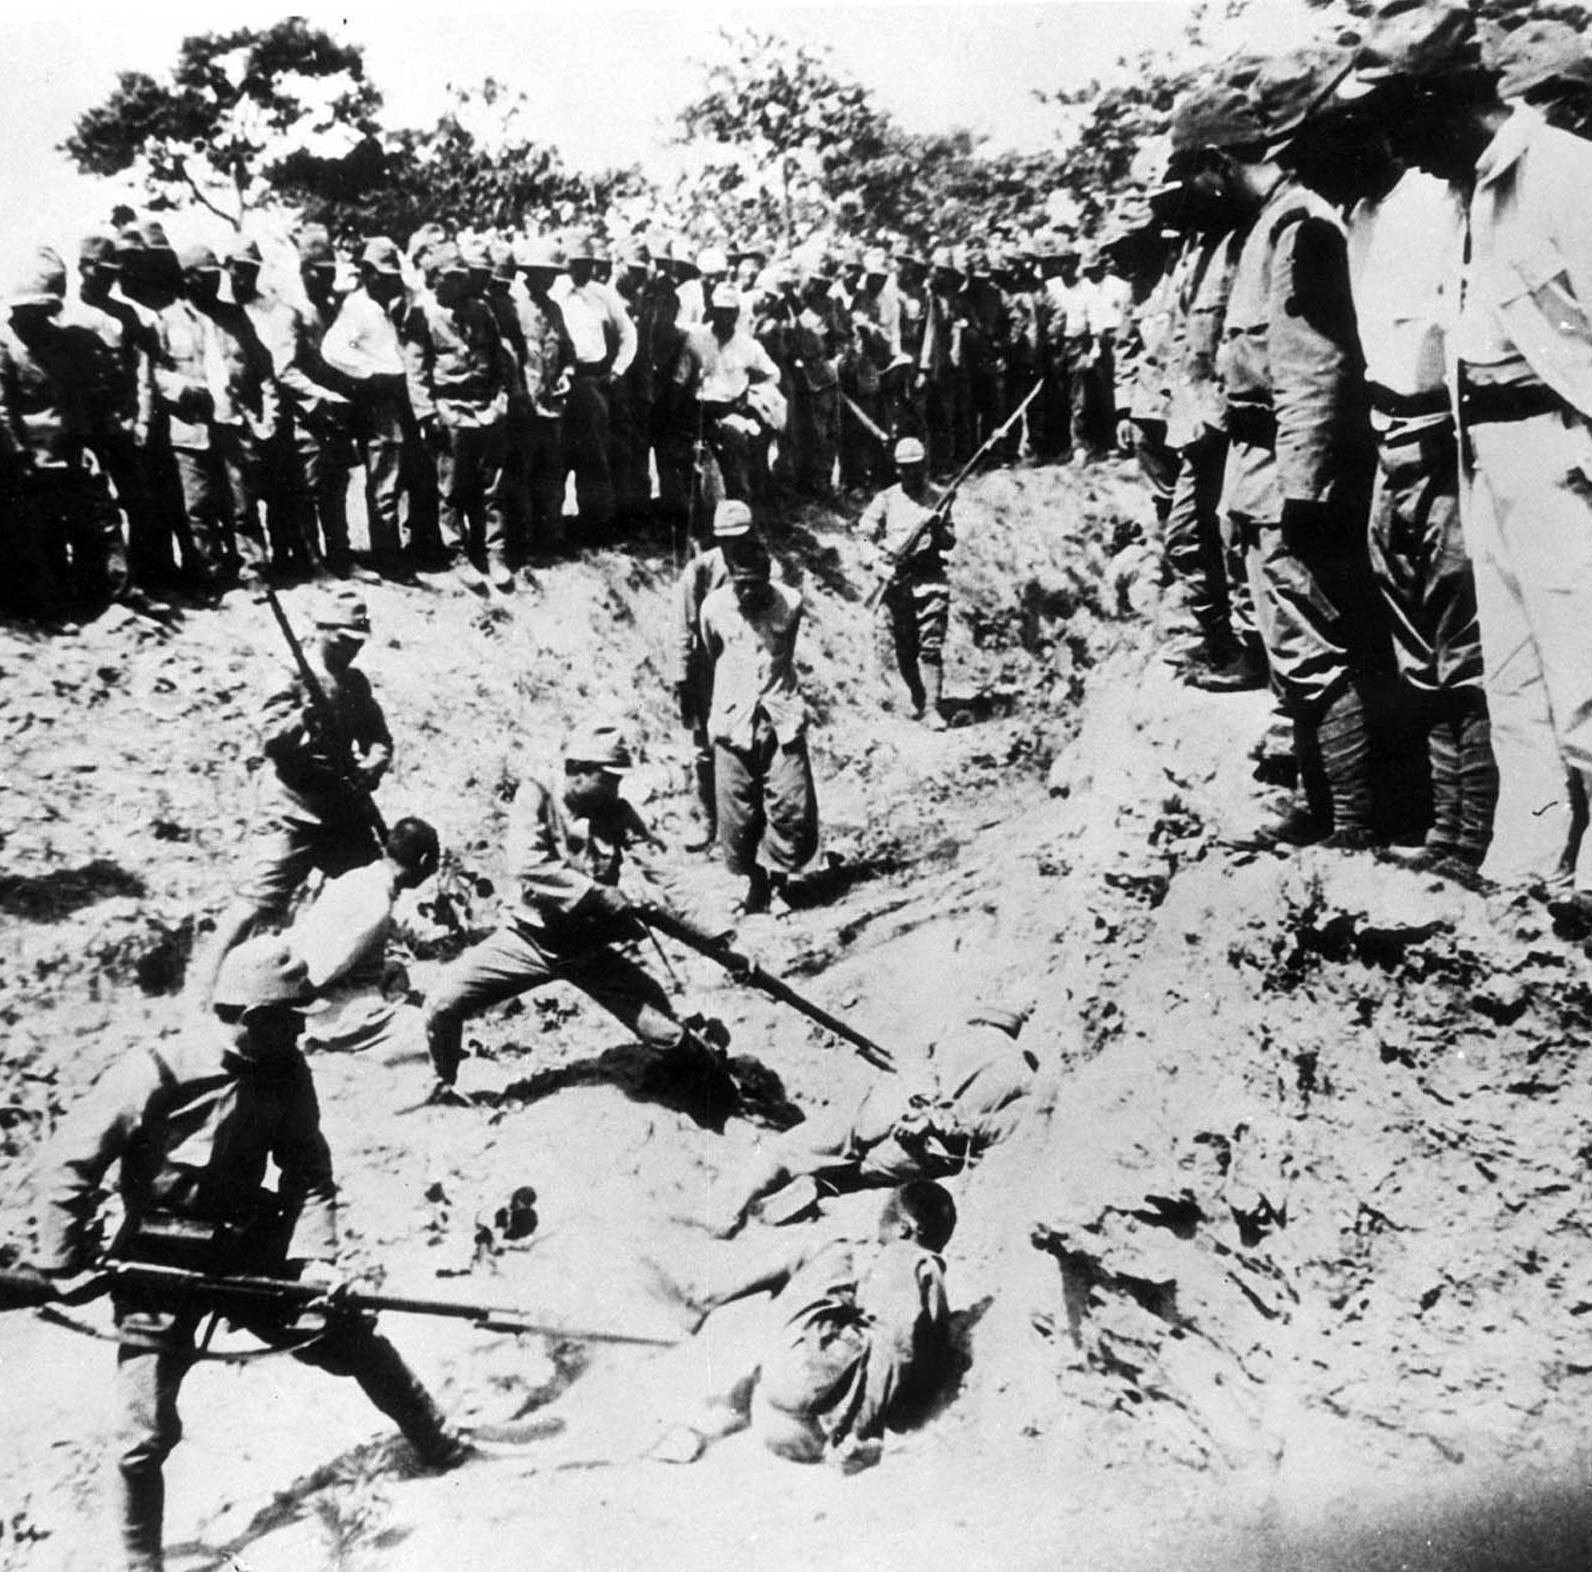 1938. Japánok civileket szúrnak halálra bajonettel a megszállt Kínában, Mandzsúriában..jpg